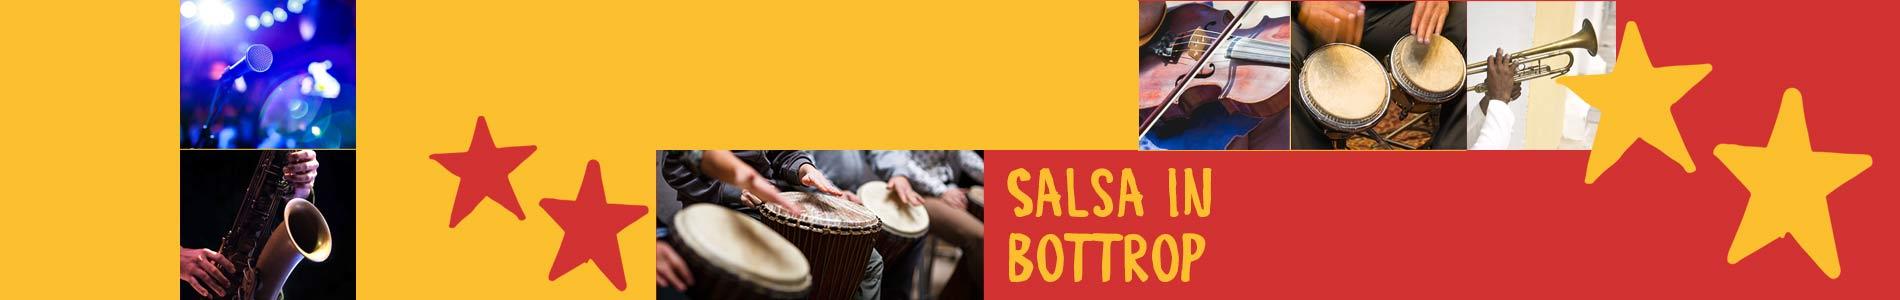 Salsa in Bottrop – Salsa lernen und tanzen, Tanzkurse, Partys, Veranstaltungen